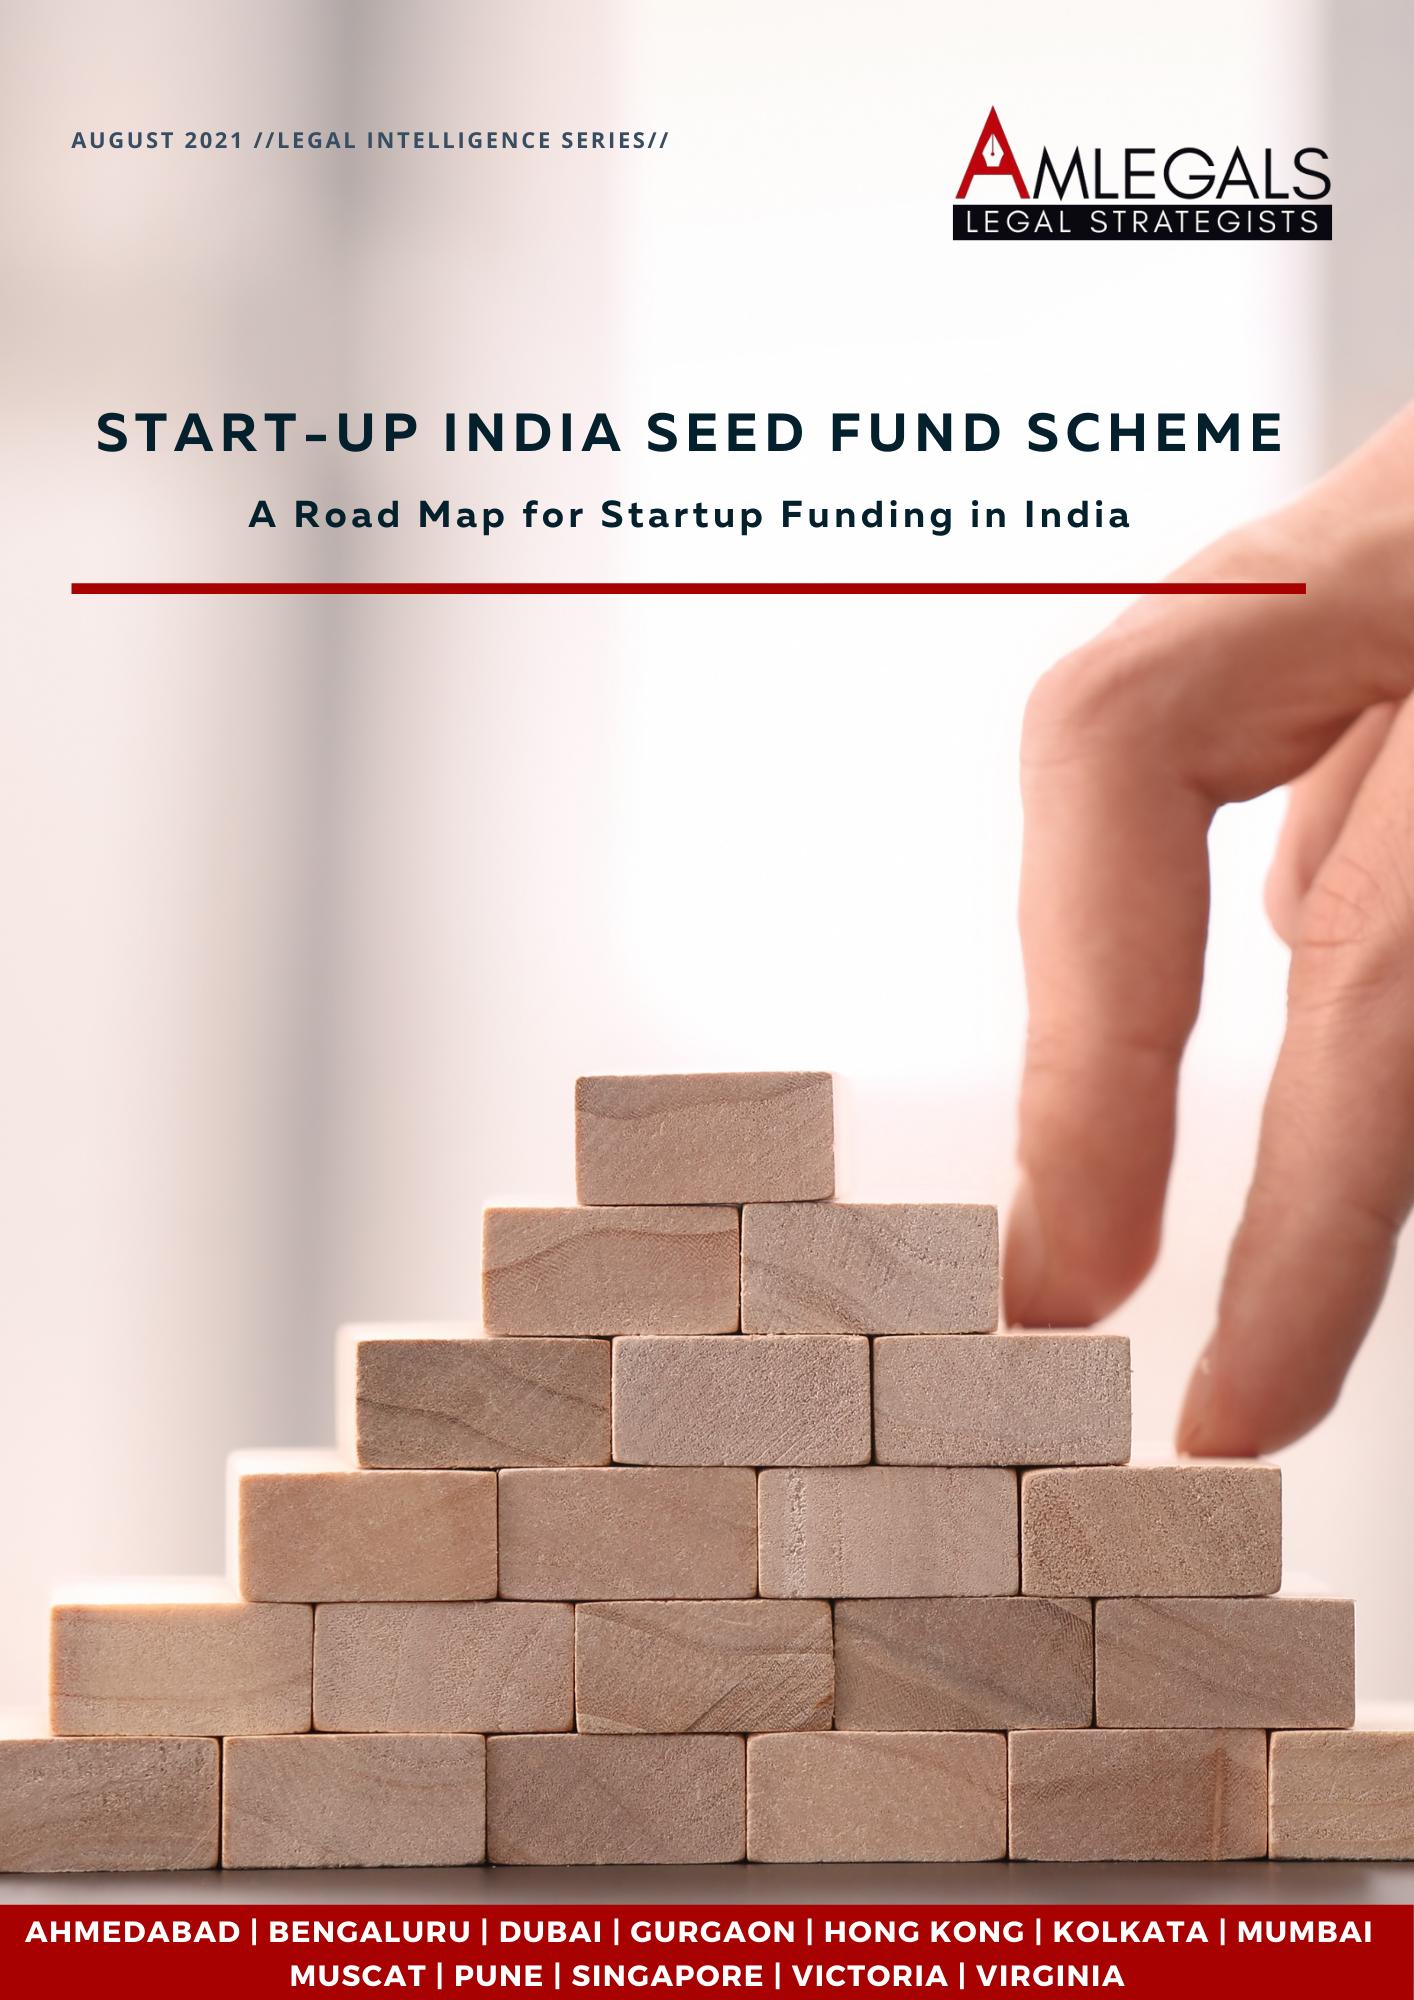 Start-up India Seed Fund Scheme